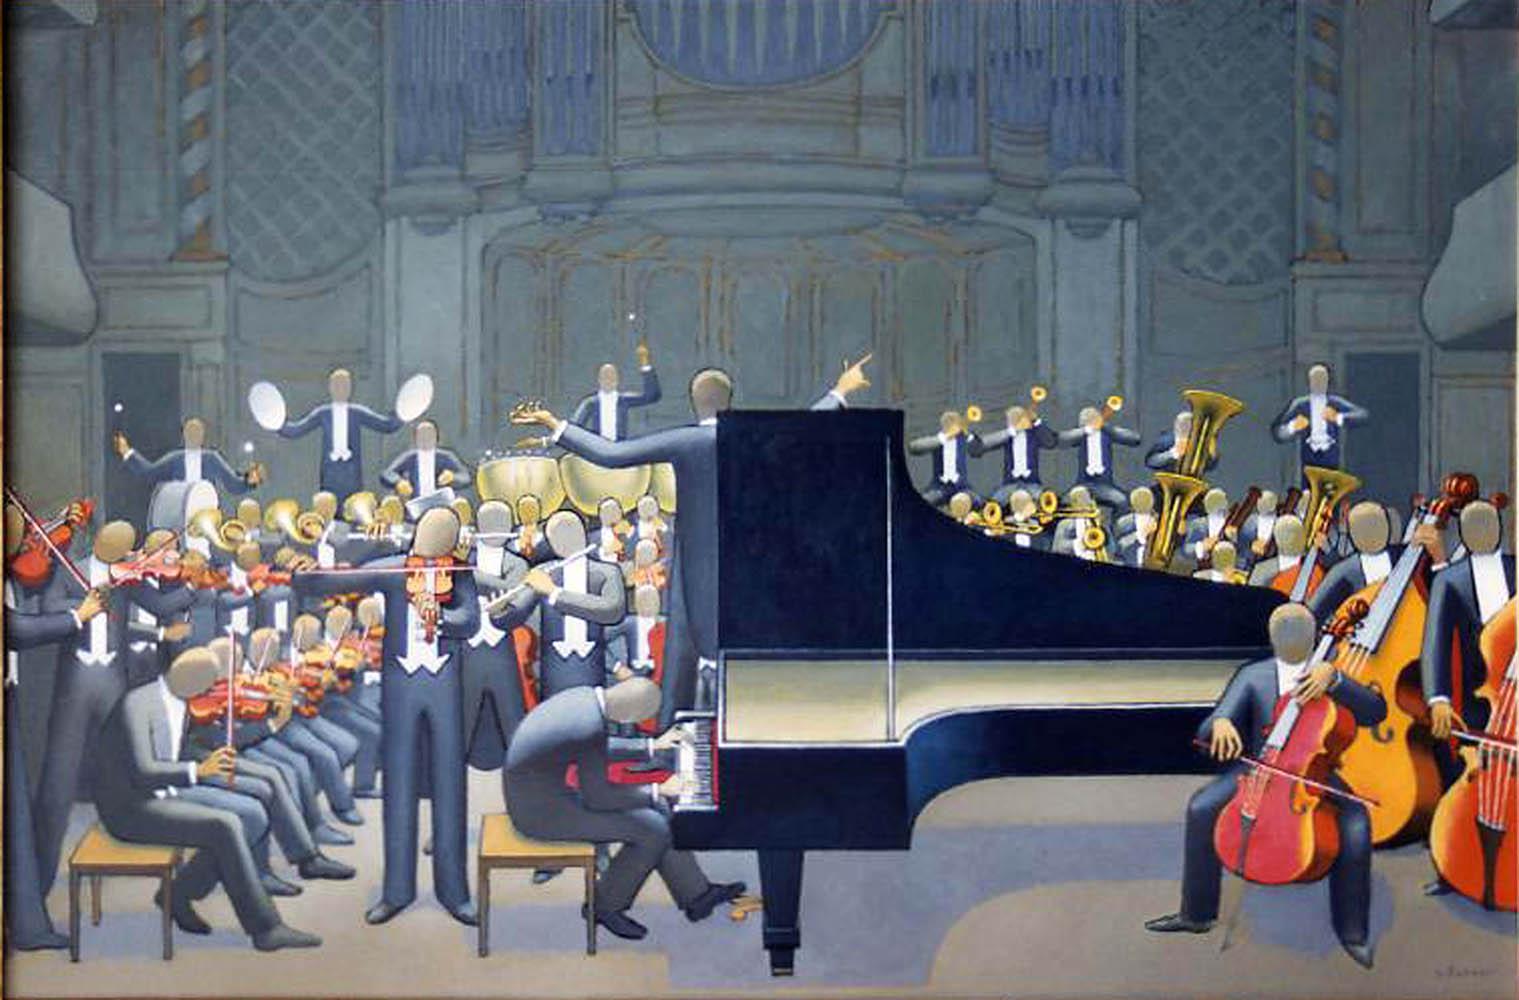 Le concerto inconnu